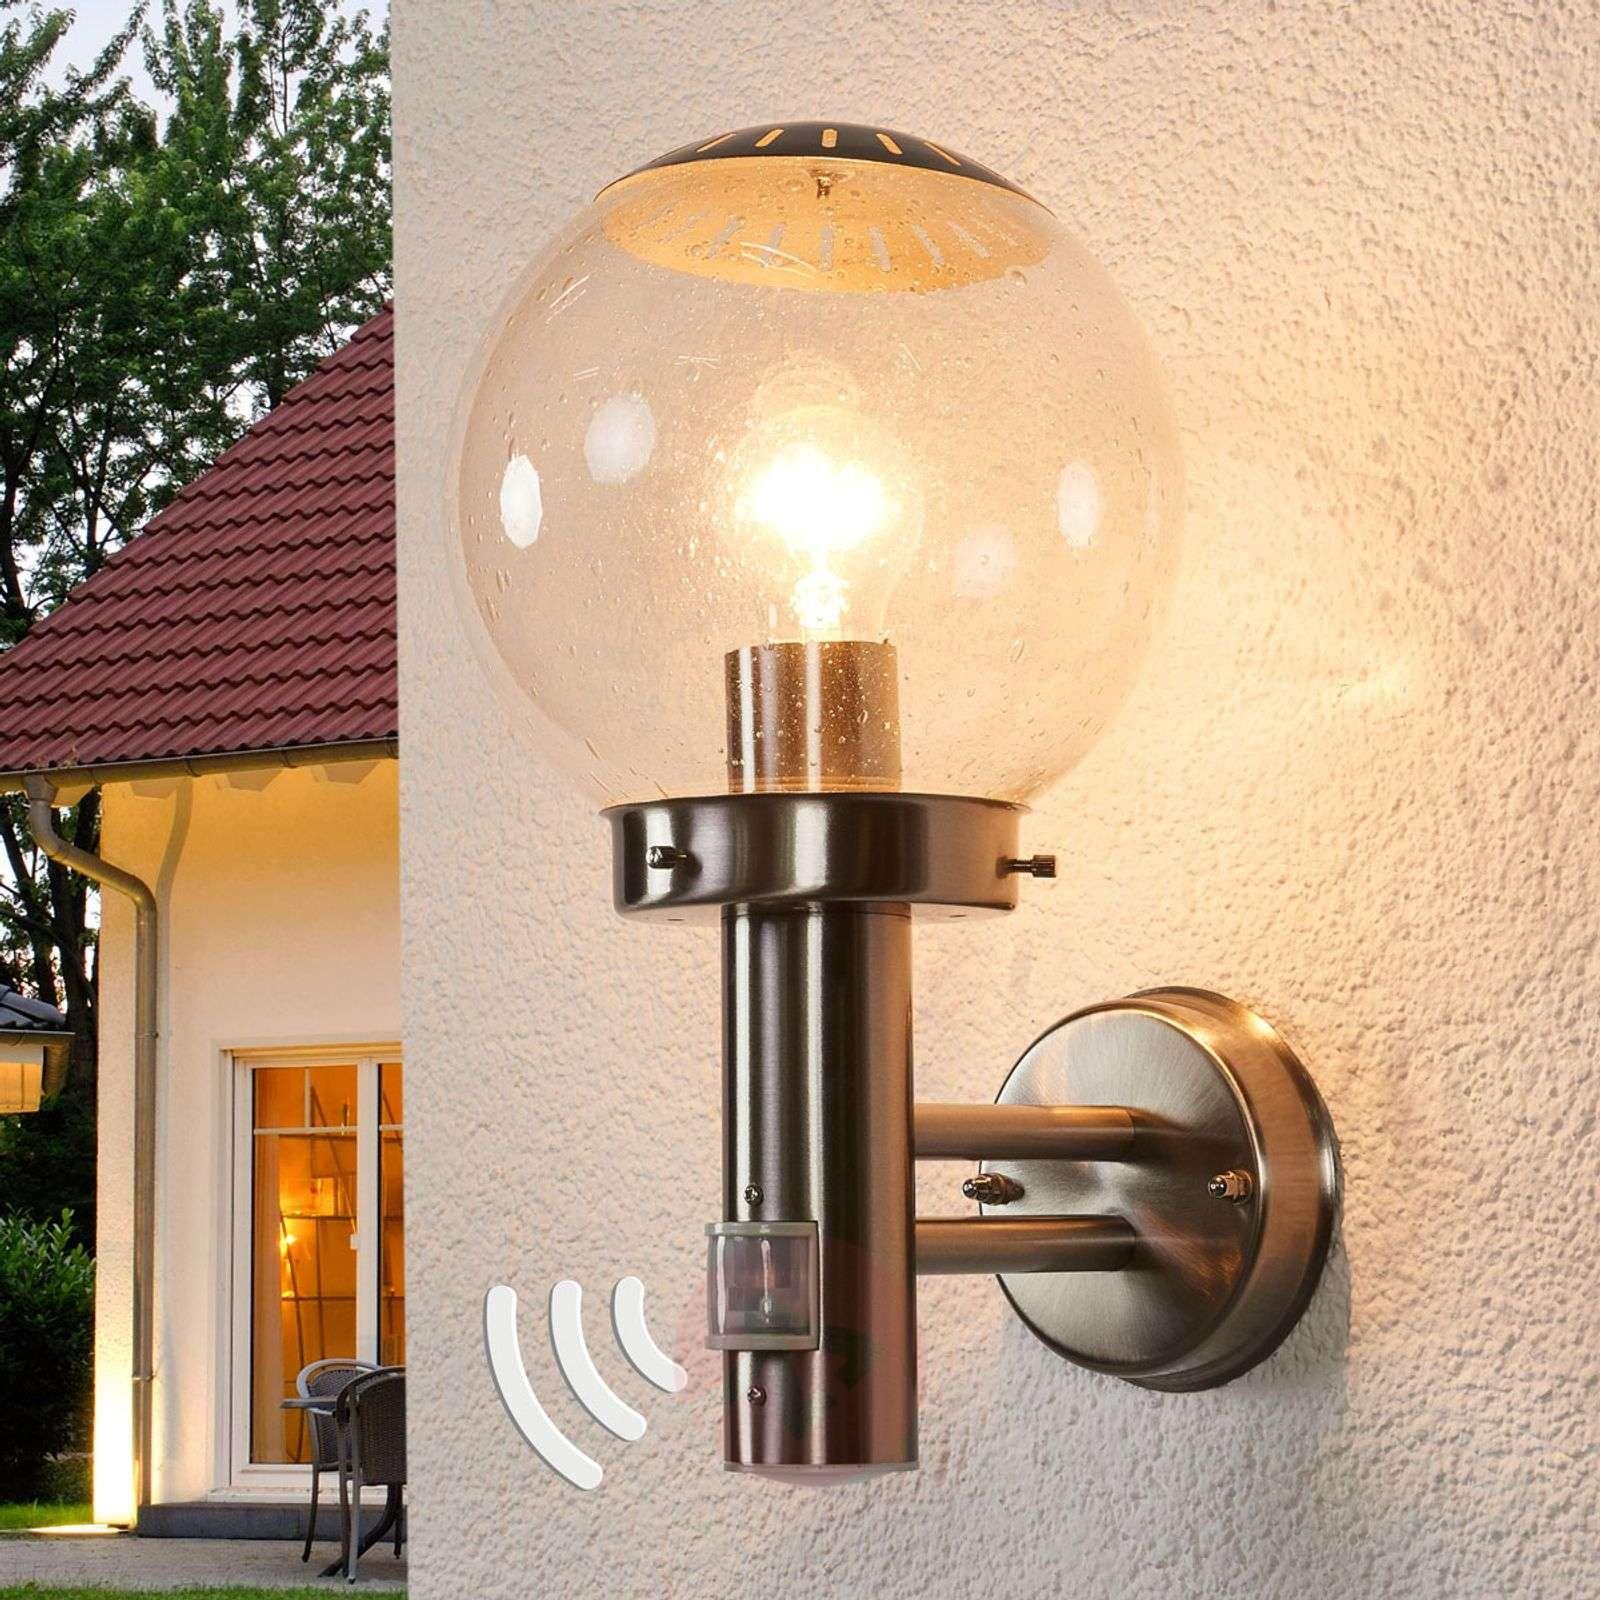 Zewnętrzna Lampa ścienna Bowle Z Czujnikiem Ruchu Lampy